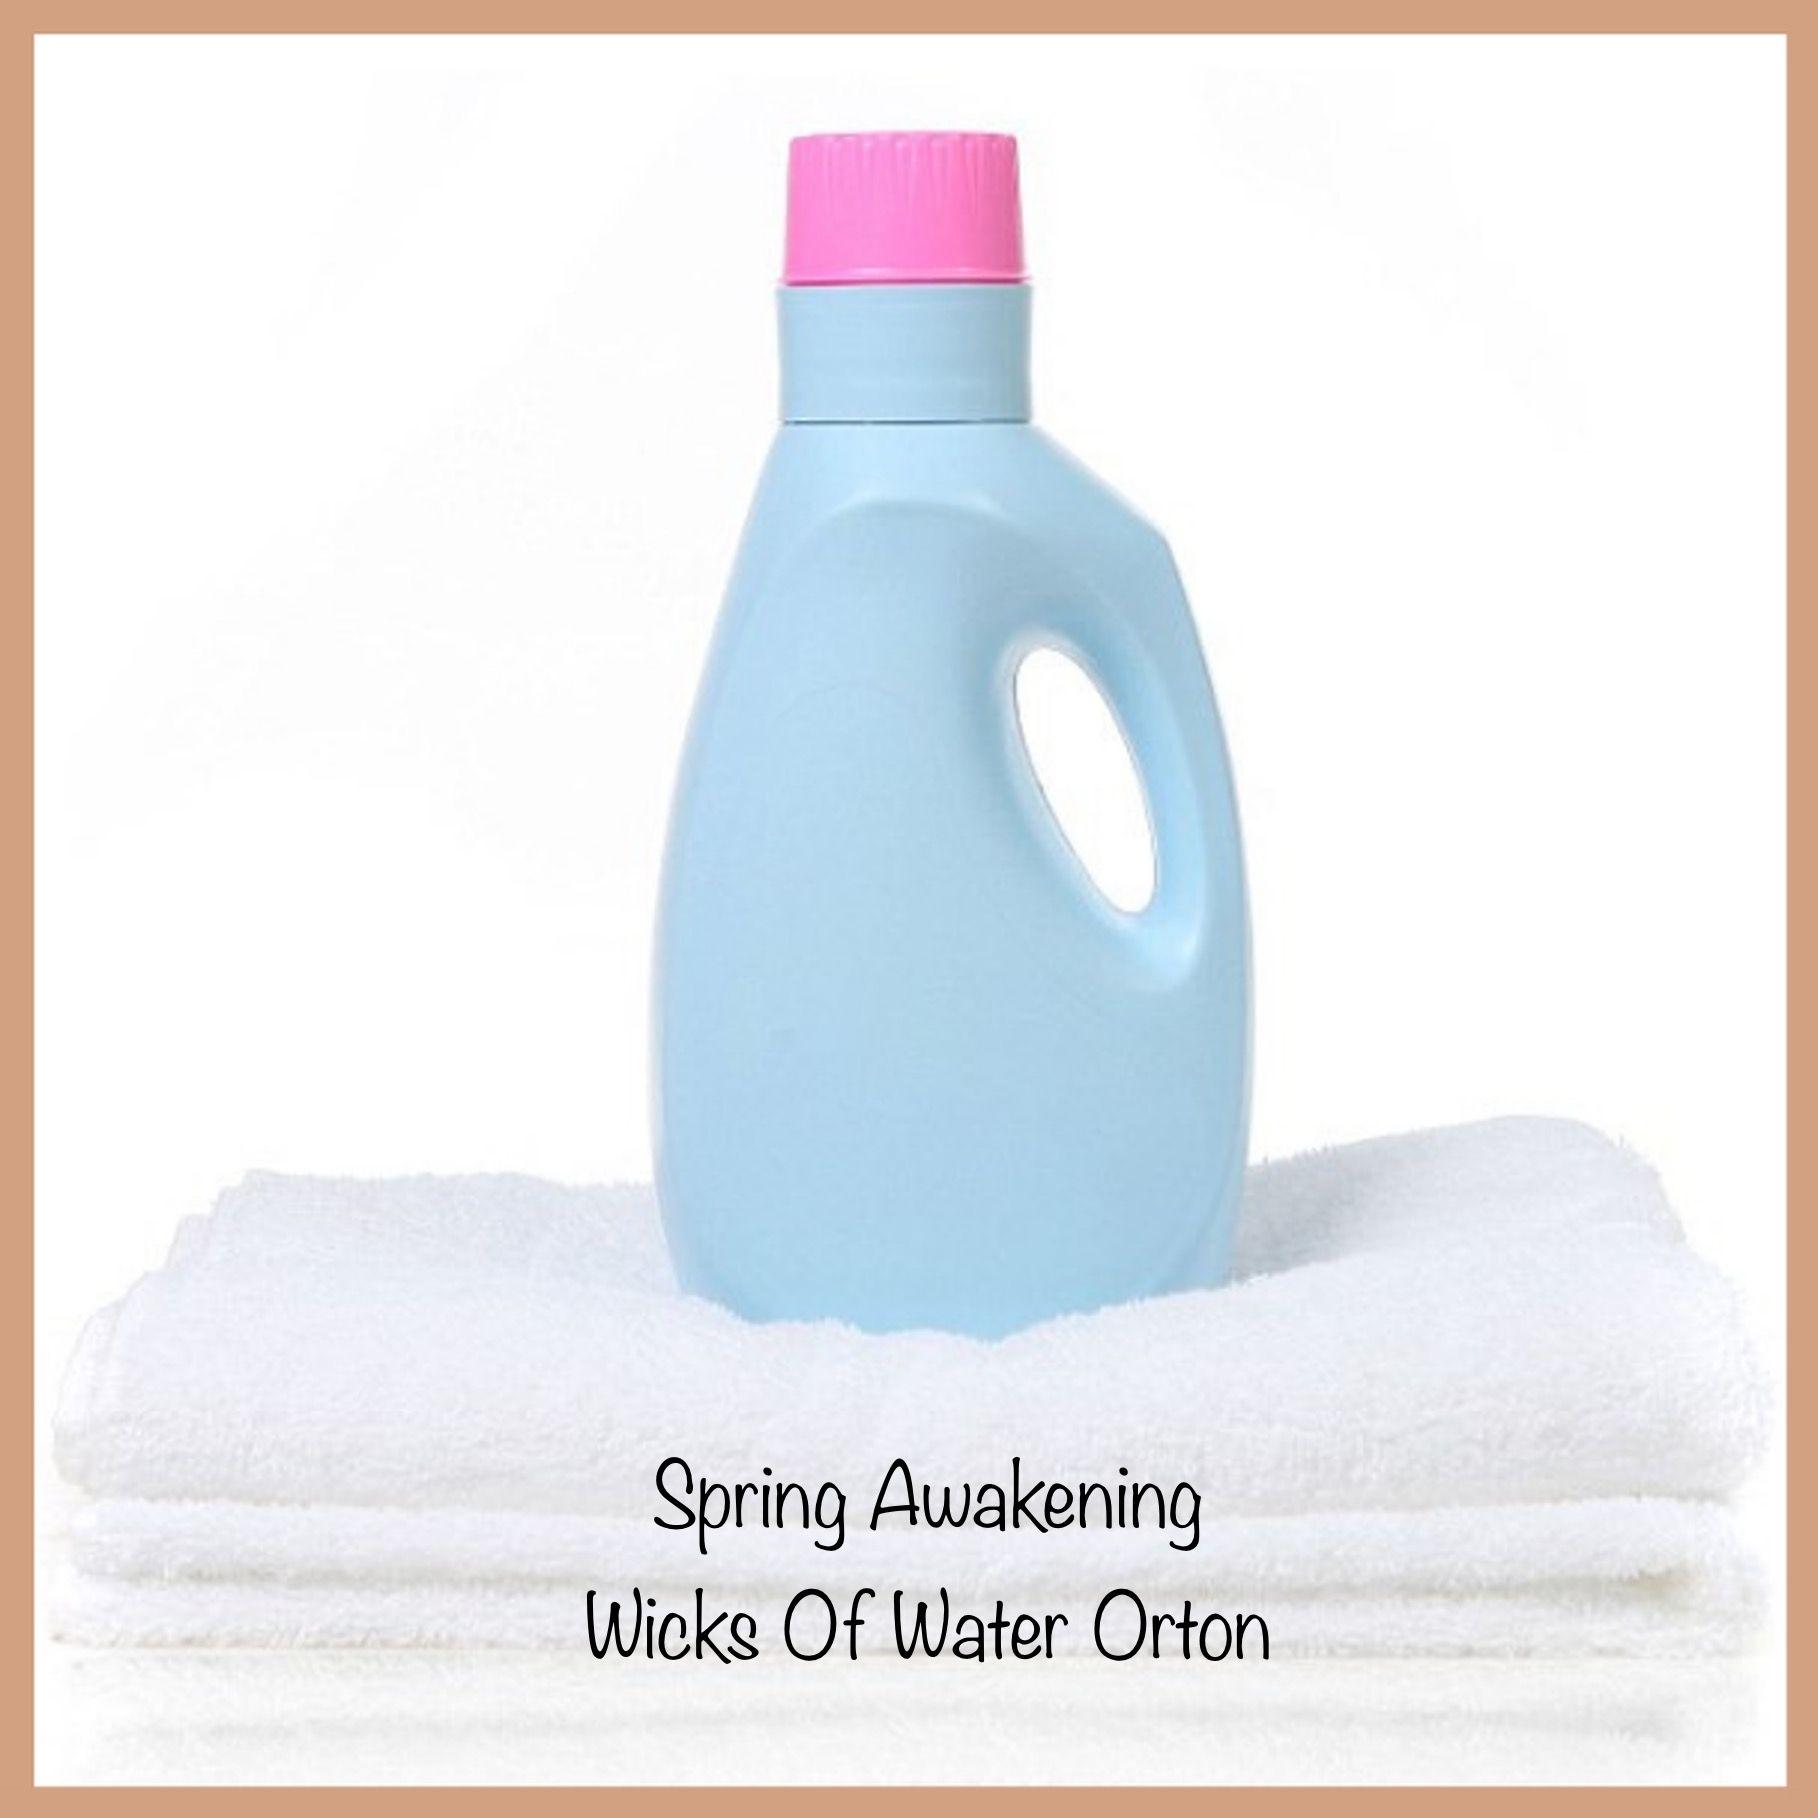 Spring Awakening Fragrance